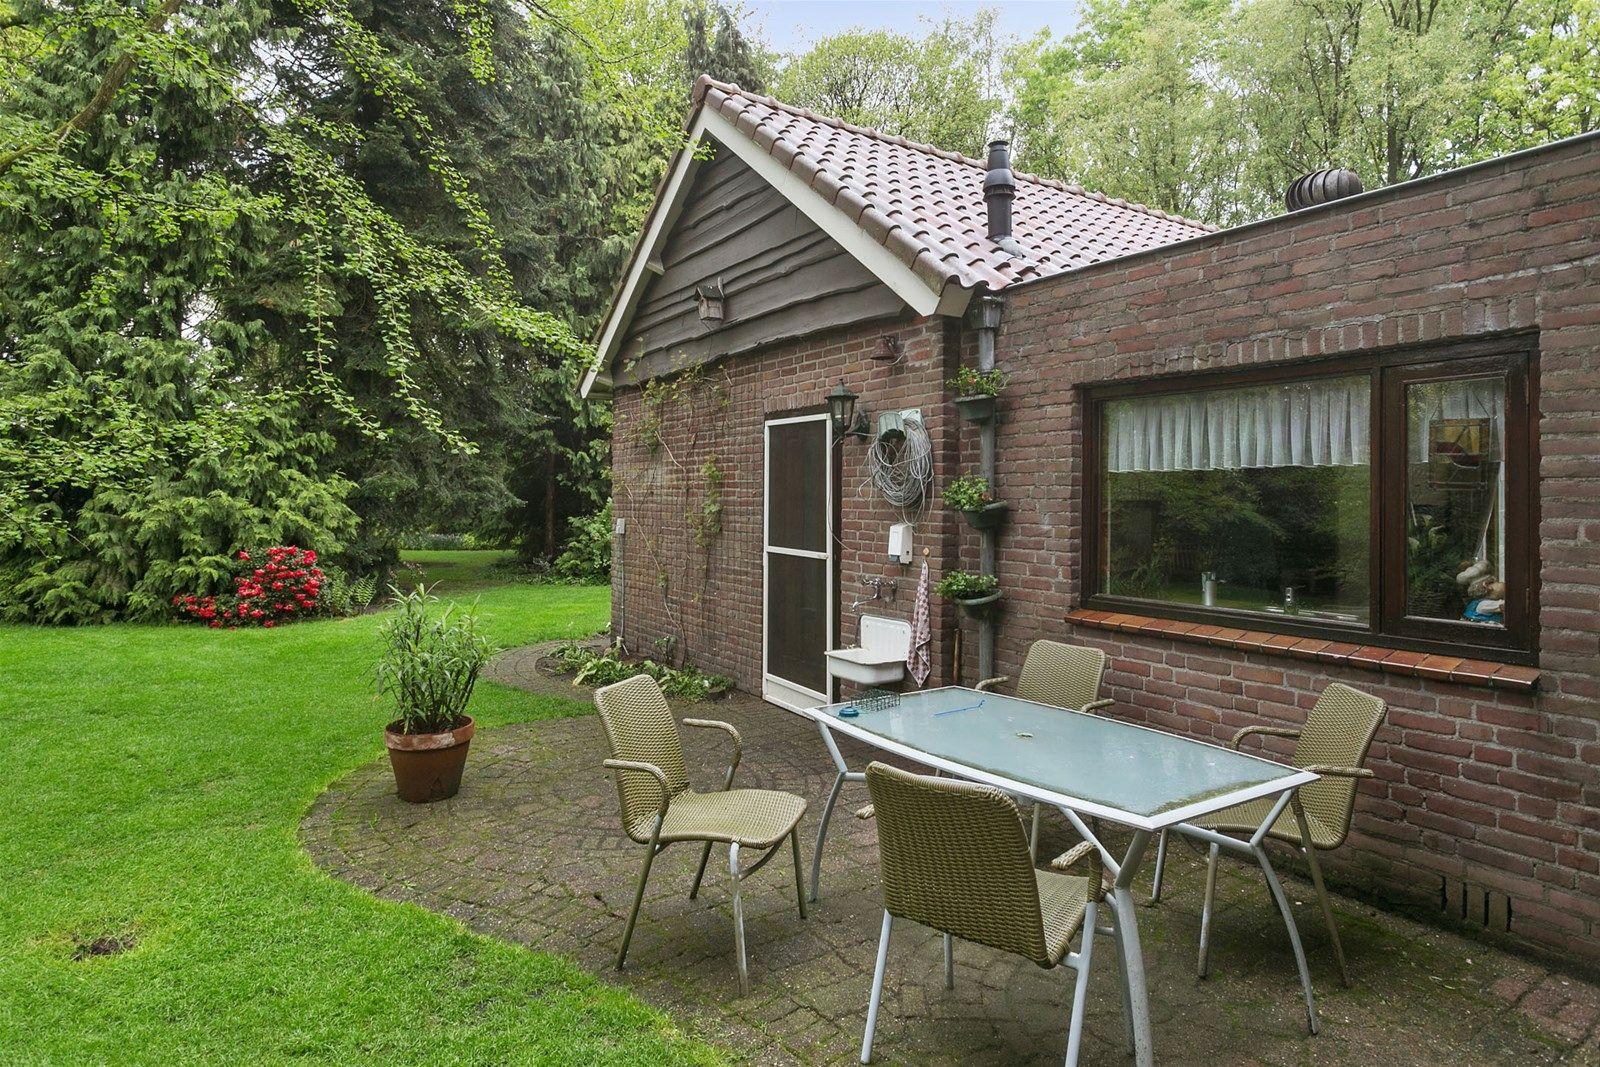 In buurtschap -Heerstaaien-, net onder Ulvenhout en ten zuiden van Breda staat deze landelijk gelegen vrijstaande woning met aanbouw en diverse bijgebouwen. Het betreft een mooi perceel van 16.962 m² groot waarop een niet alle daagse prachtige tuin is aangelegd welke zeker indruk zal maken!  Zelden zie je een tuin die zo groot is, maar de uitstraling en warmte heeft van een kleinere tuin. Je verwacht een park, maar er wordt hier ook gedetailleerd getuinierd. De prachtige vijvers zijn vakkundig aangekleed, met een haast Japanse allure. Een minirivier met bruggetjes en dan nog een prieeltje bij de grote vijver maken deze tuin tot een waar paradijs.  De woning heeft op de begane grond een ruime woonkamer met haard, een leefkeuken, een badkamer (2001), ouderslaapkamer en een achterentree met toiletruimte en cv kast. De eerste verdieping heeft drie slaapkamers. Middels een vlizotrap bereik je de bergzolder.  BEGANE GROND Entree/hal met toegang tot de woonkamer en vaste trap naar de eerste verdieping.  Afwerking- tegelvloer met vloerverwarming, Spachtelputz wanden en een stucwerk plafond.  Meterkast- 10 groepen en aardlekschakelaarbeveiliging.   Ruime woonkamer voorzien van een schouw met inzethaard en een vaste (berg) kast.  Afwerking- tegelvloer met vloerverwarming, behangen wanden en een stucwerk plafond.   Nette leefkeuken (2001) in rechte opstelling uitgerust met een deels houten en deels granieten aanrechtblad, 1 spoelbak, 5 pits kookplaat, koelkast, combimagnetron, vaatwasser en afzuigkap. Deze ruimte geeft toegang tot de achterentree, voorentree, kelder en woonkamer.  Afwerking- tegelvloer met vloerverwarming, deels betegelde en deels Spachtelputz wanden en  een wit geschilderd houten schroten plafond.   Ouderslaapkamer 1 (voormalig garage)- voorzien van een schuifpui en een wandkast met een wasmachine– en drogeraansluiting. Afwerking- tegelvloer met vloerverwarming, behangen wanden en een Spachtelputz plafond met spotverlichting.  Achterentree met cv kast.  Afwer